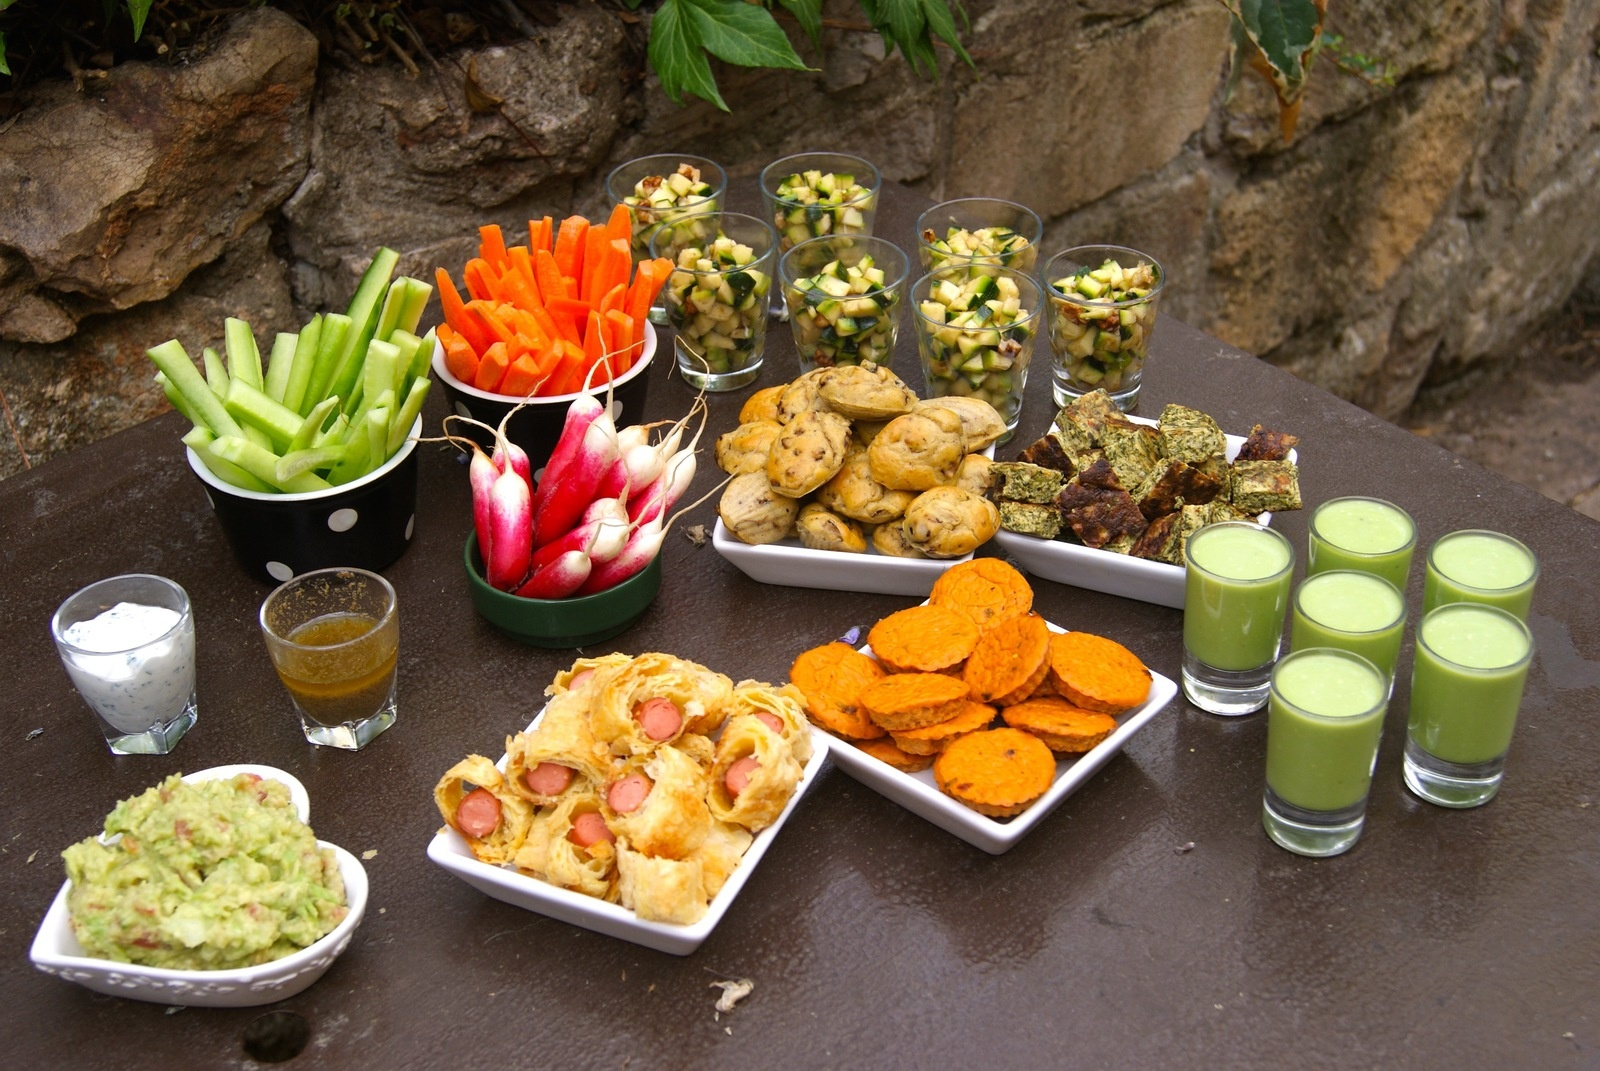 Comment je pr pare mes ap ritifs dinatoires cuisine mag - Apero dinatoire pas cher original ...